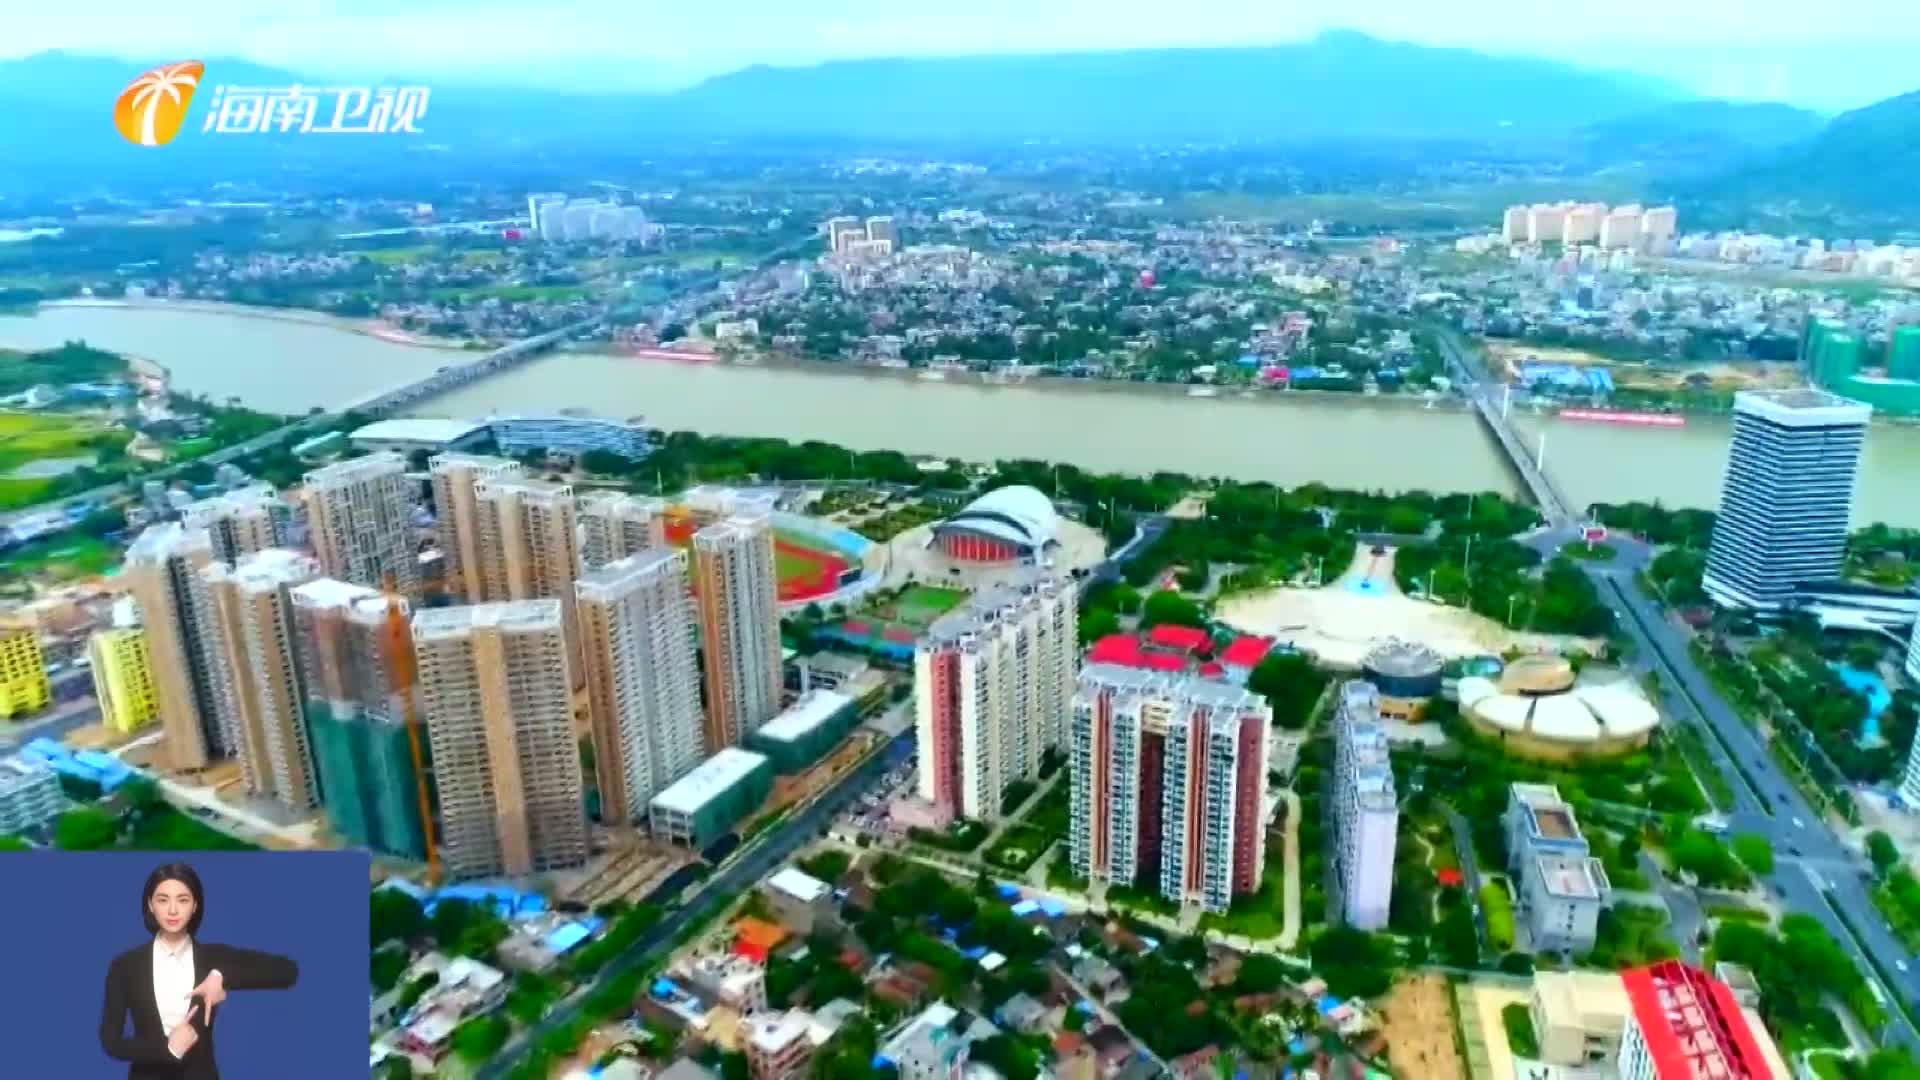 AI手语播报丨海南:今年开建3.5万套安居房  满足引进人才等住房刚需